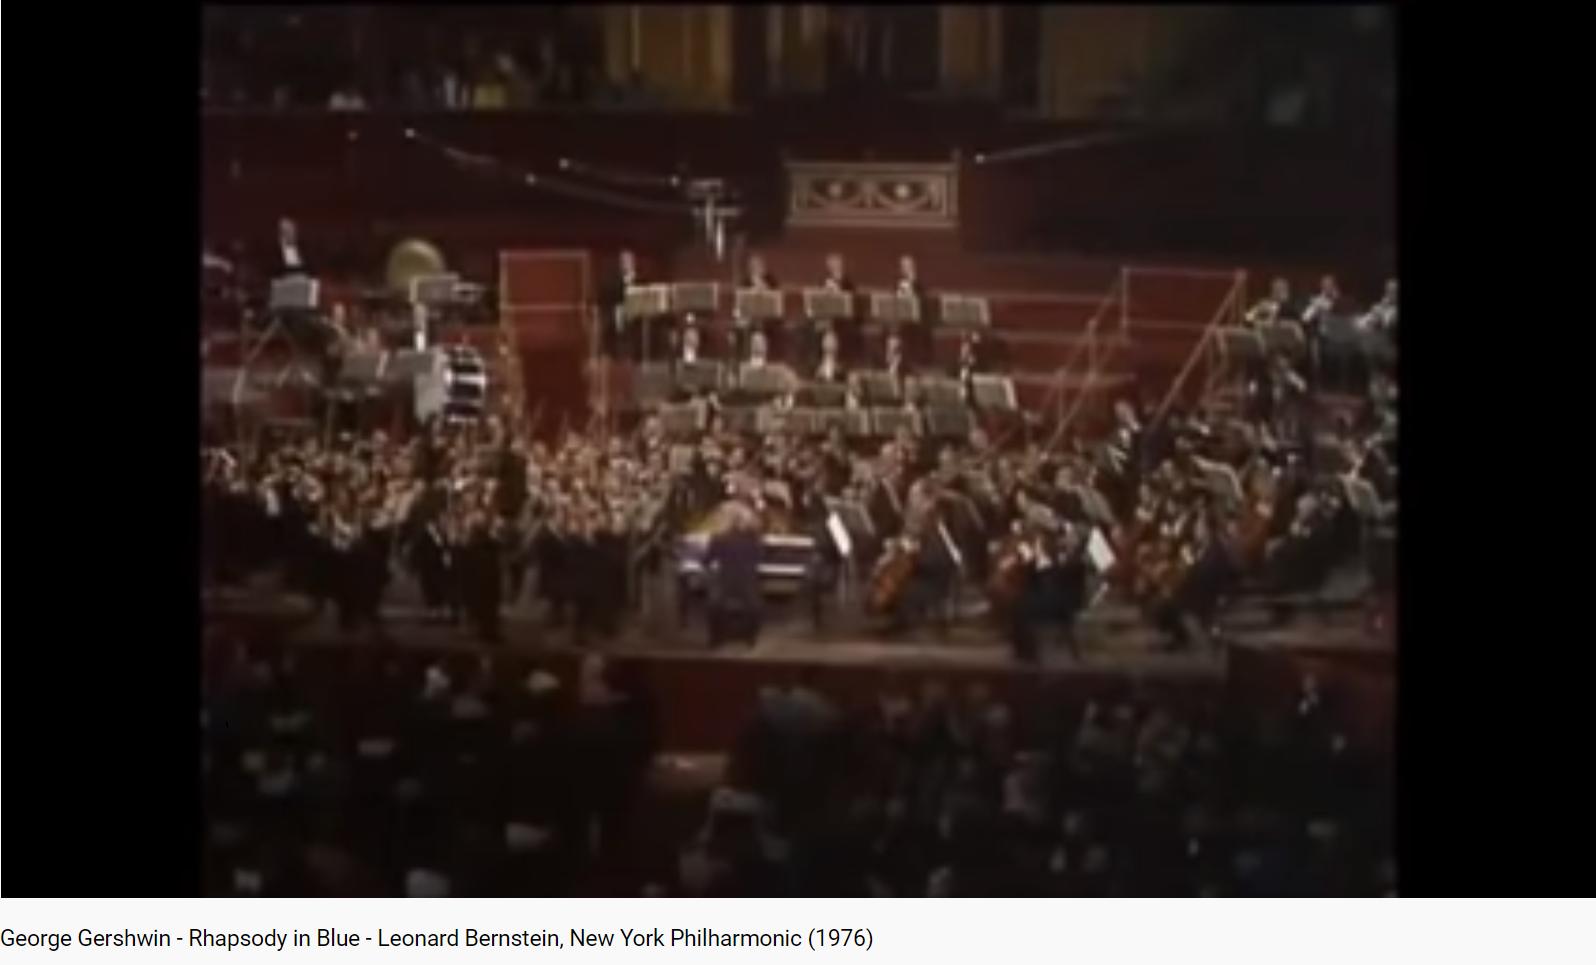 Gershwin Rhapsody in blue